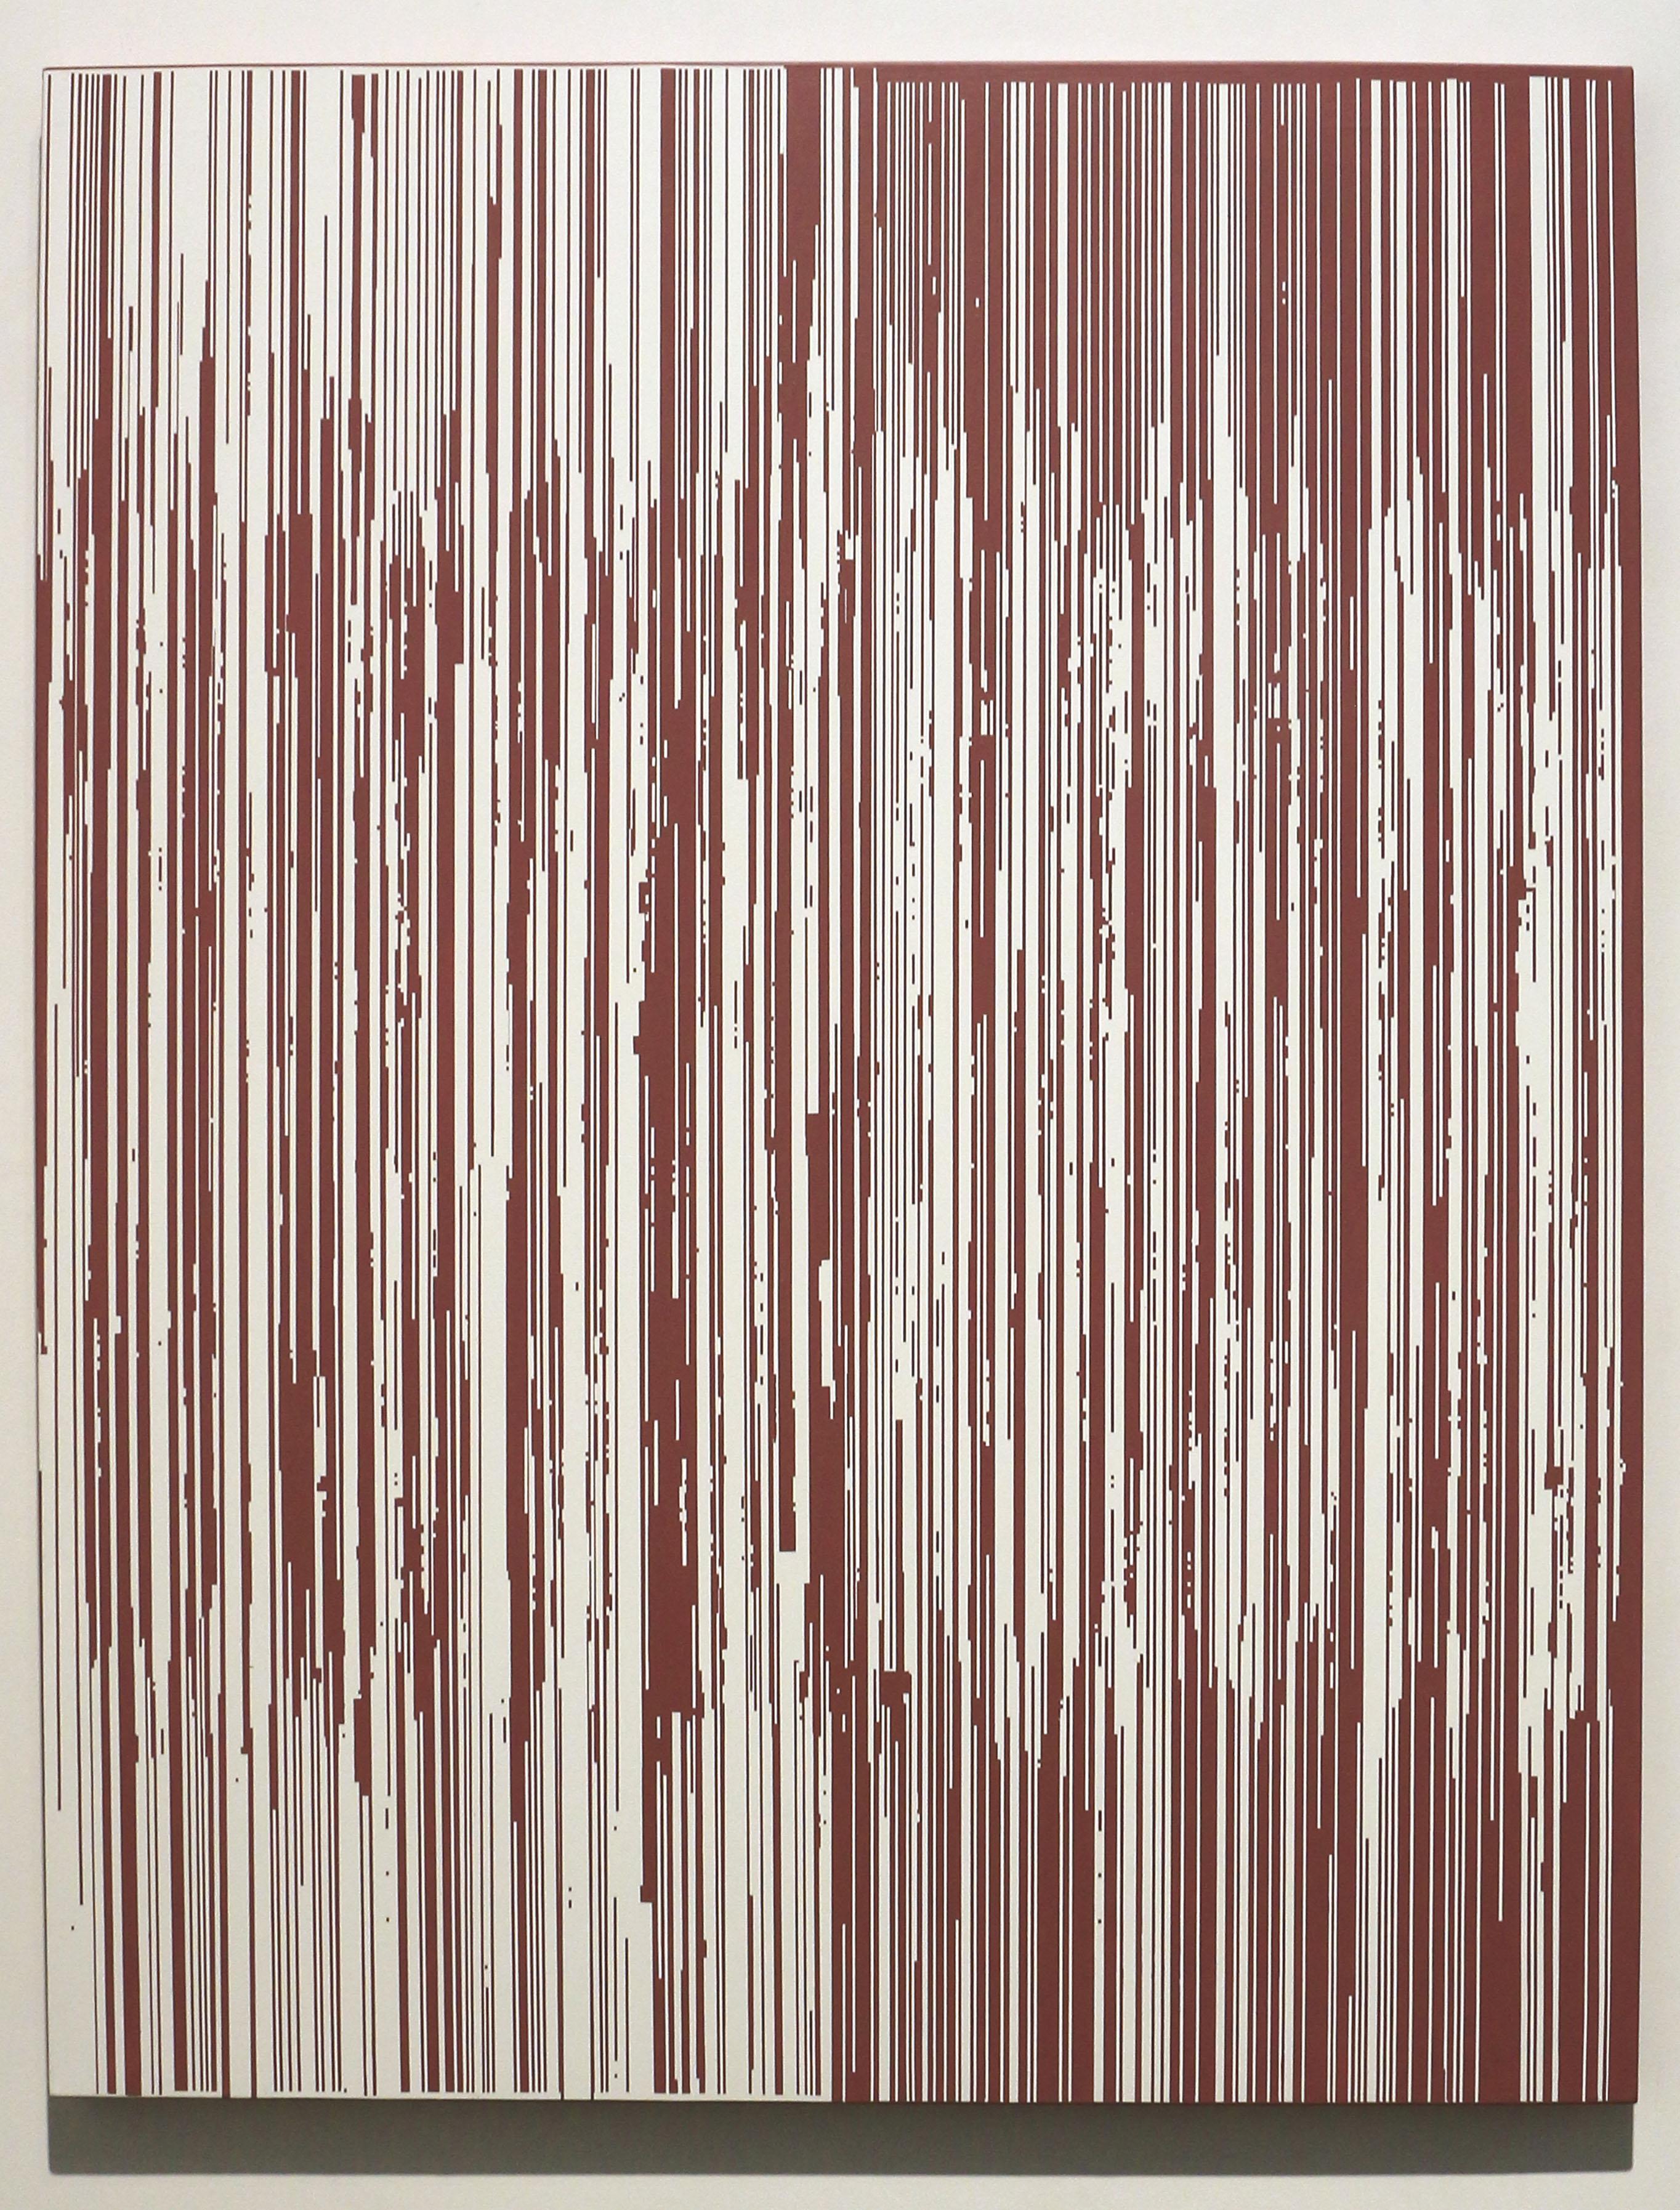 J. PARK_2016 Maze-201651215_Acrylic on canvas_116.8x91cm